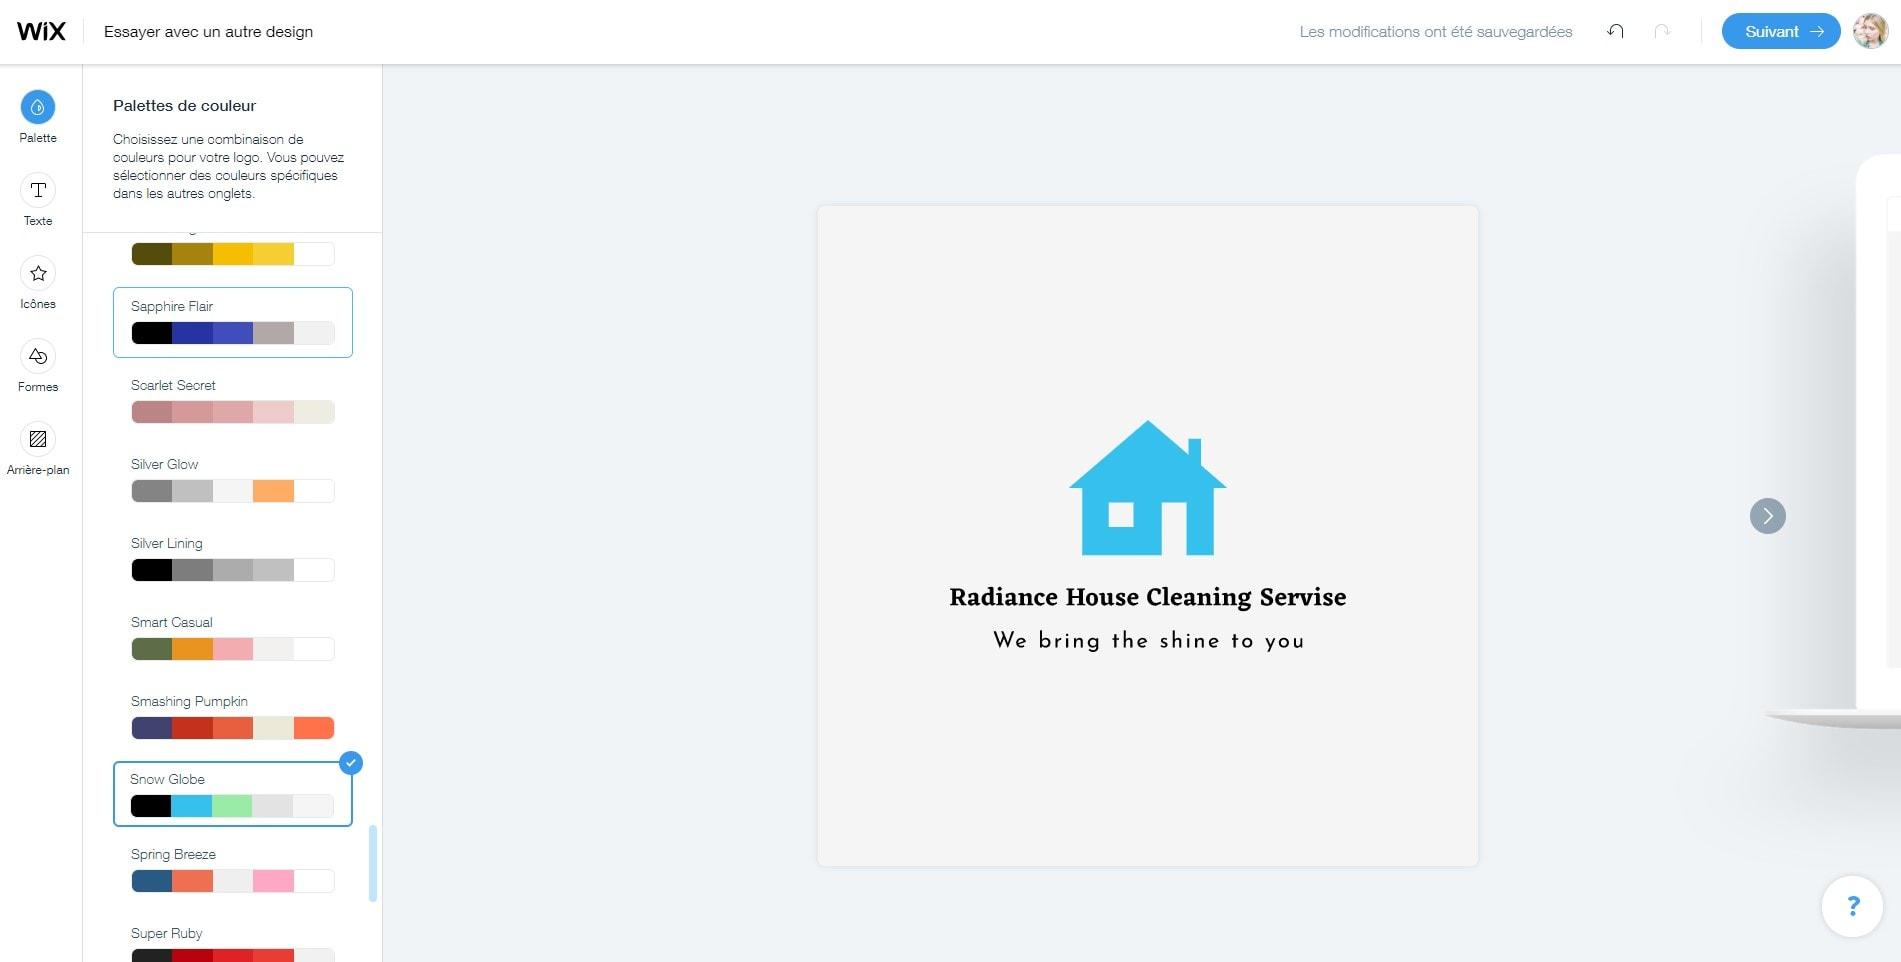 Les 9 meilleurs logos avec une maison et comment créer le vôtre gratuitement [2020]